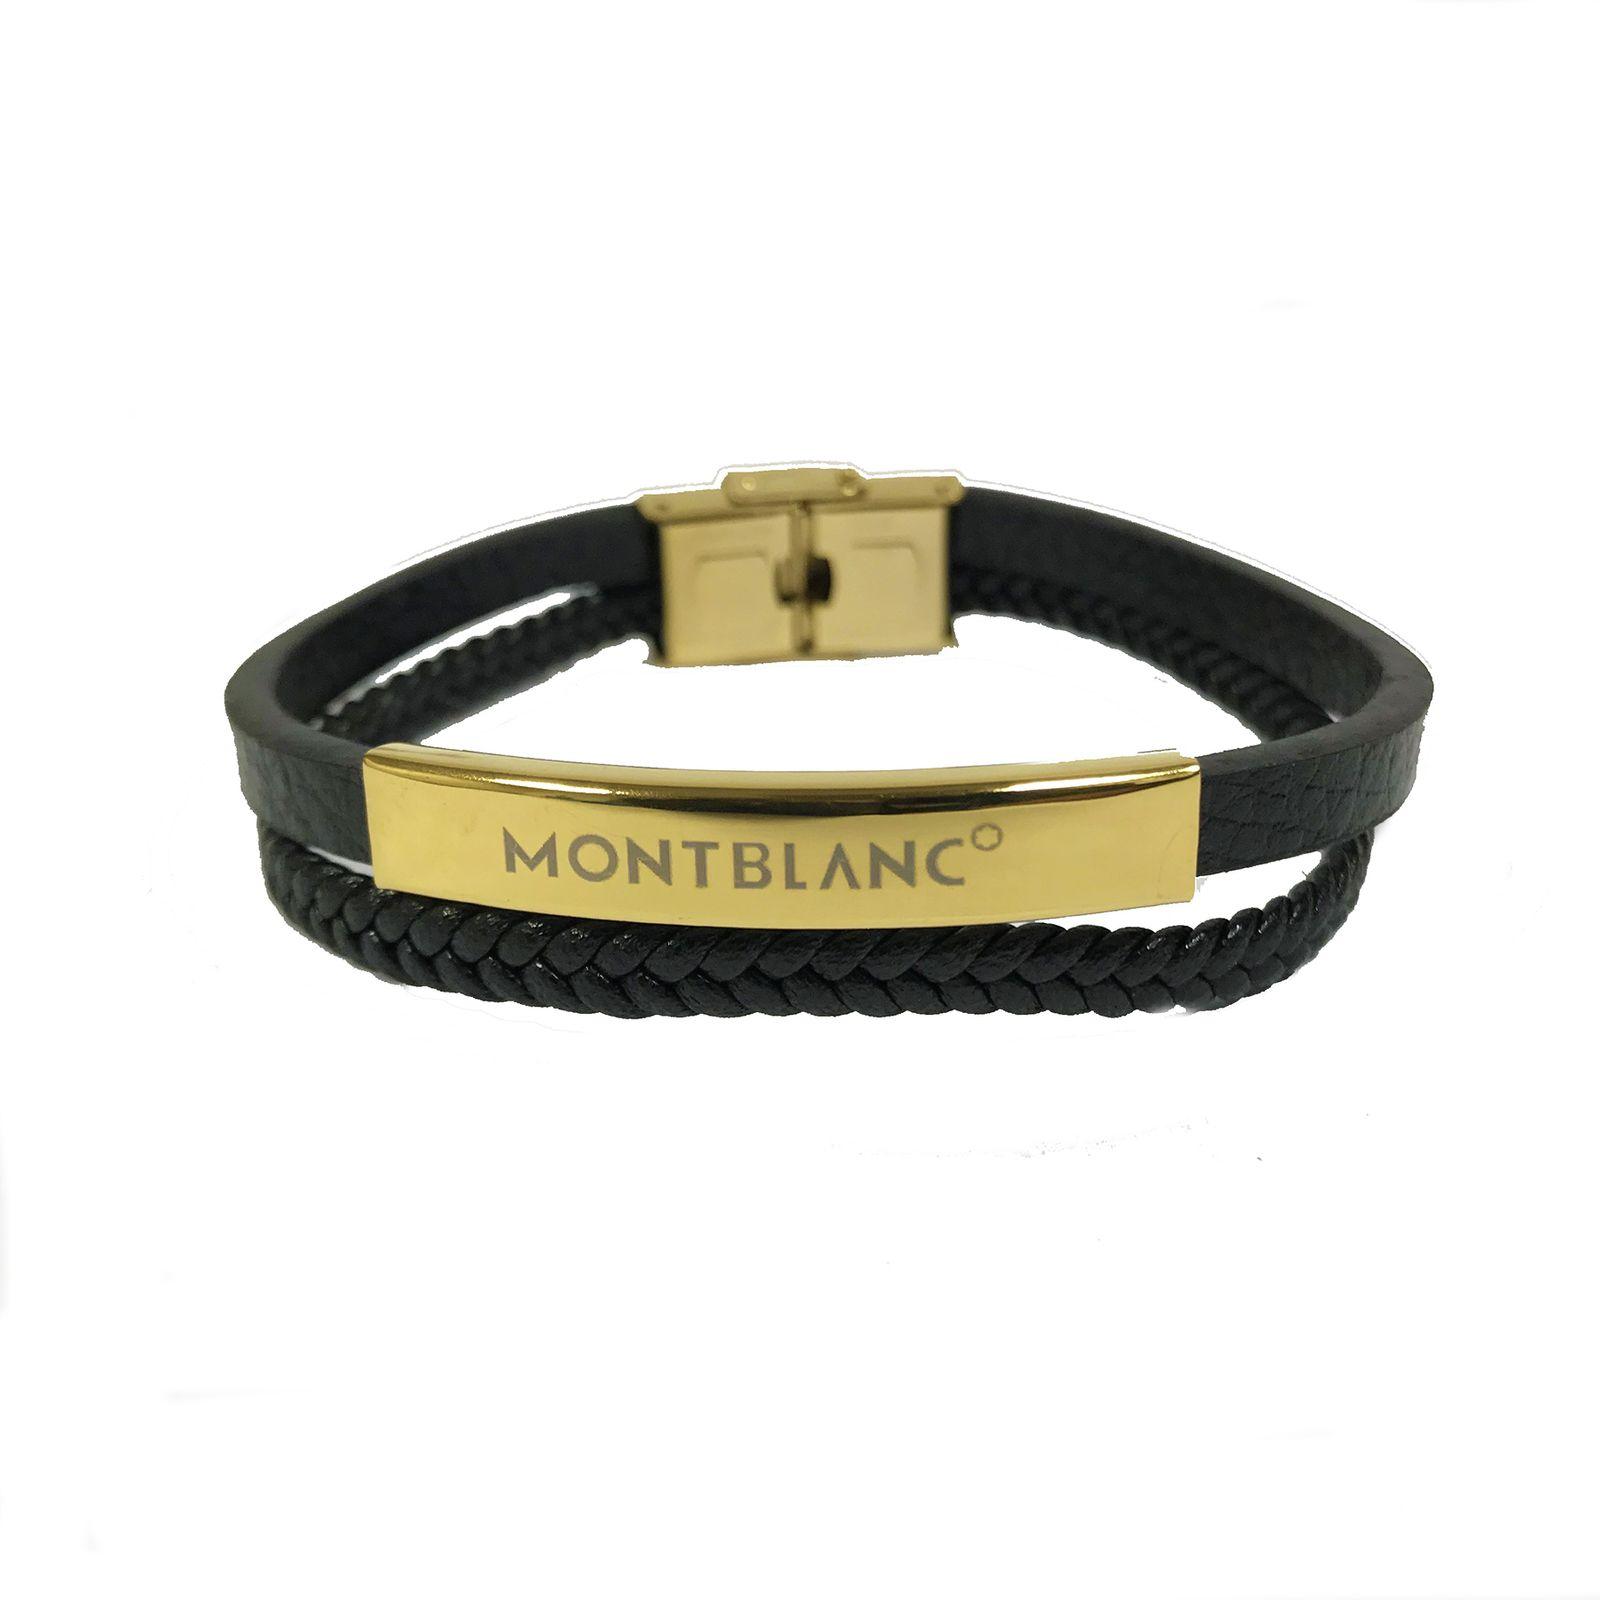 دستبند مردانه مون بلان  مدل 102 -  - 2